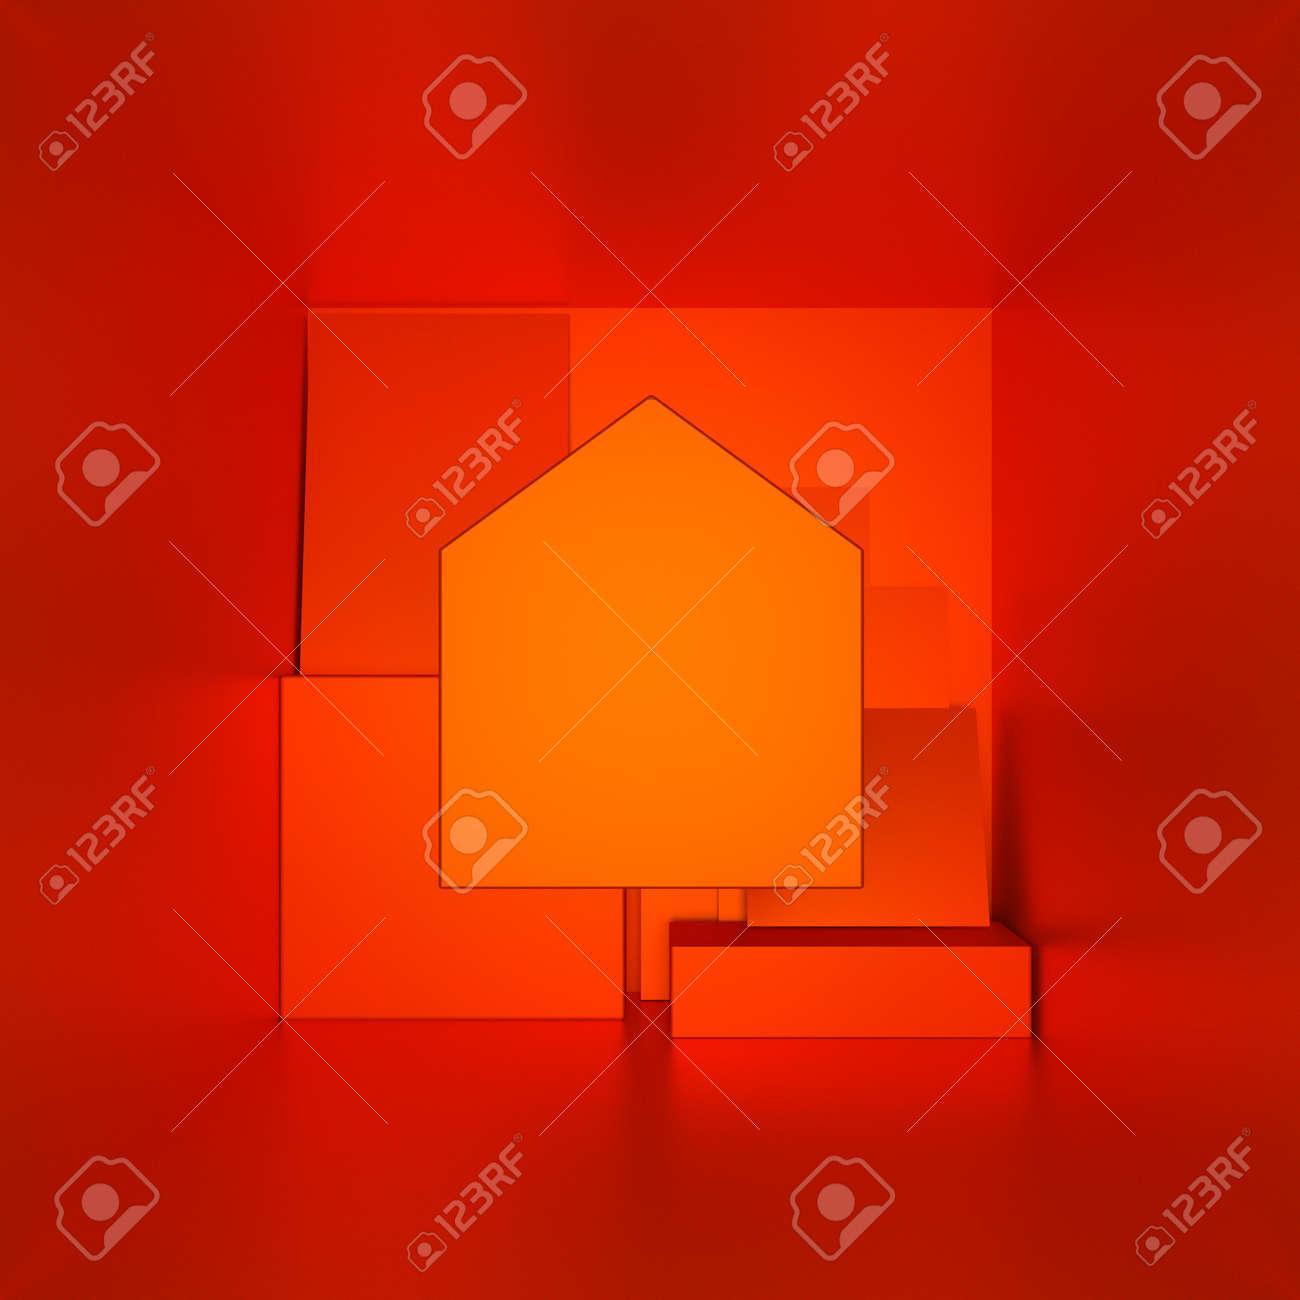 orange houses for real estate property industry, 3d illustration - 157639939